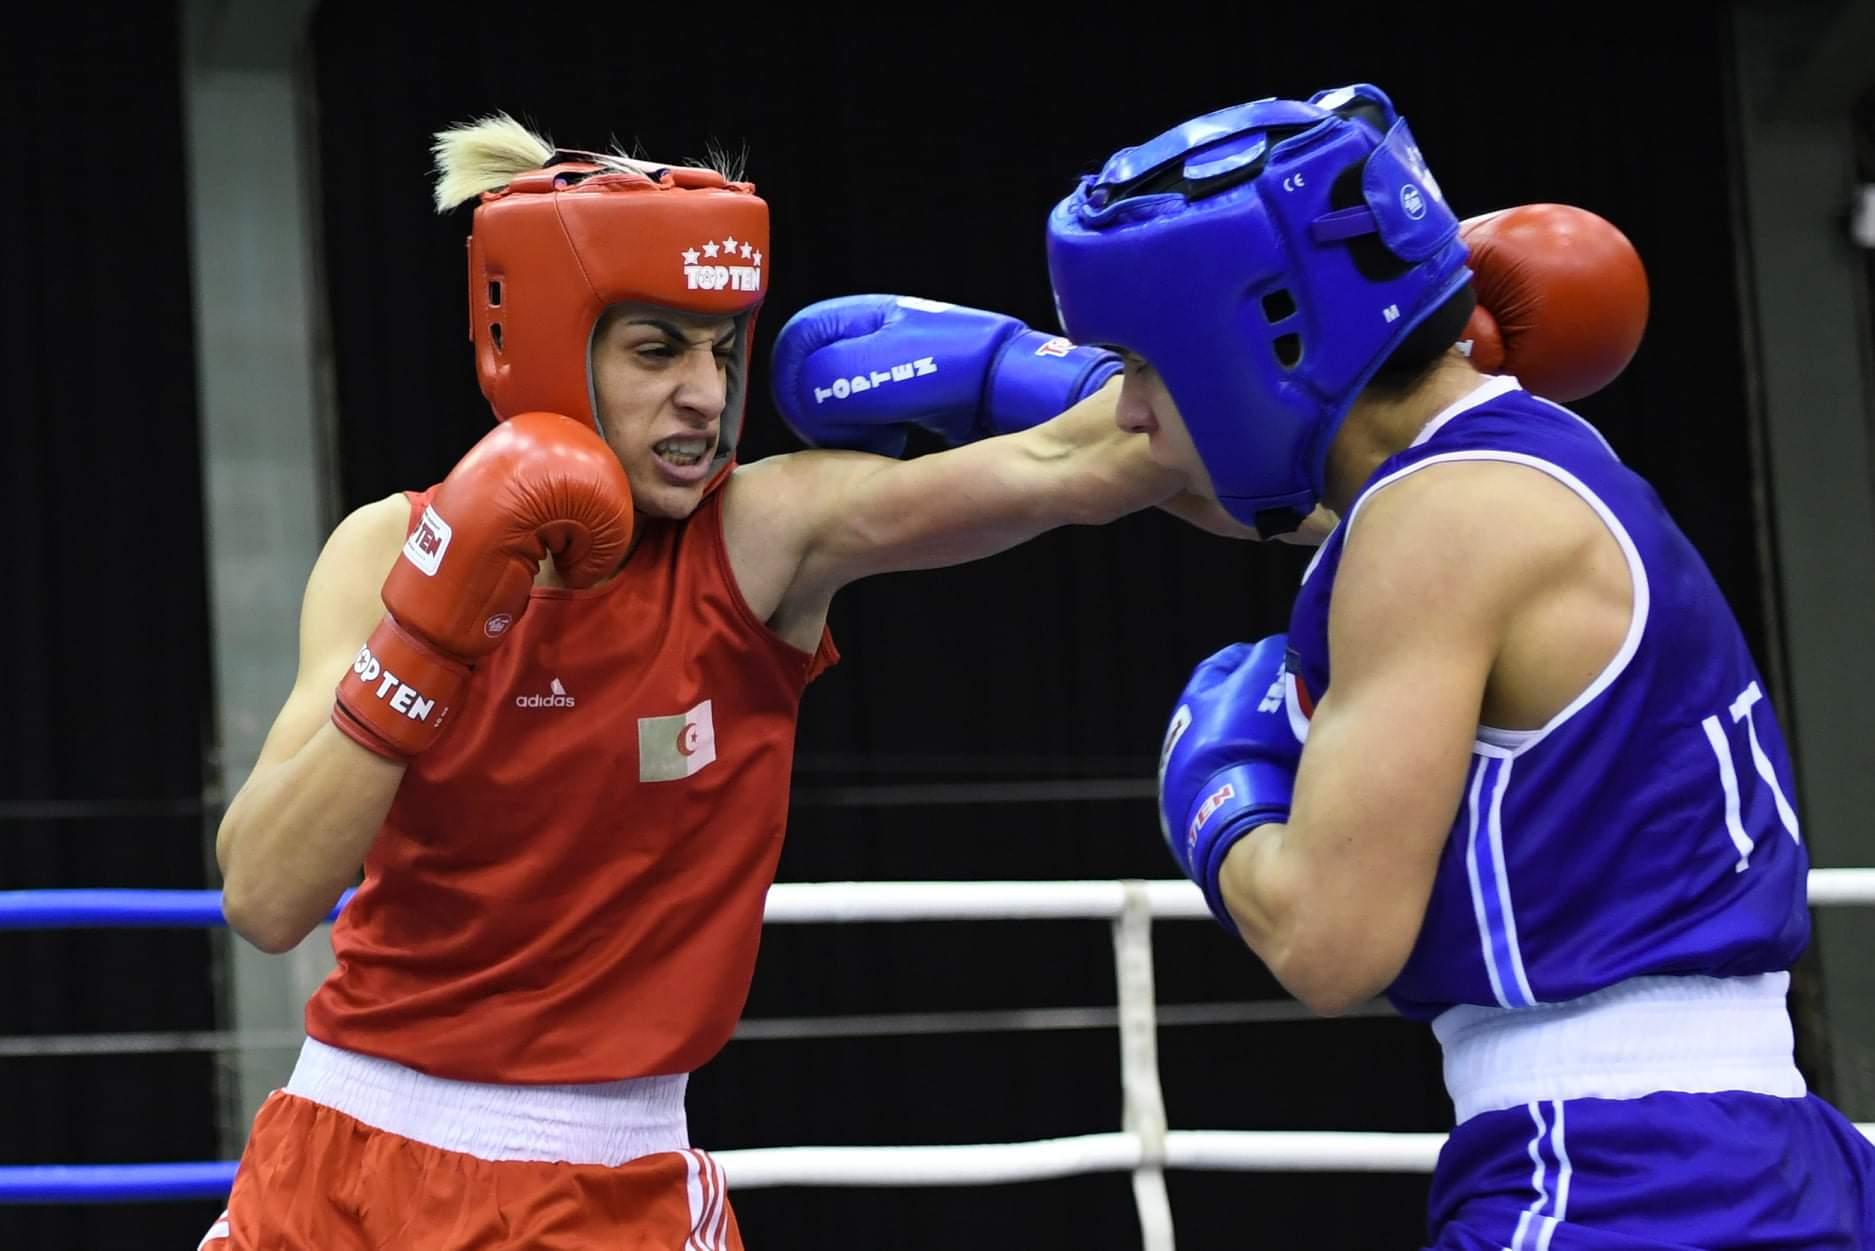 الدورة الدولية ''بوكسكاي إستفان ميموريال'': نتائج الملاكمين الجزائريين في اليوم الثالث